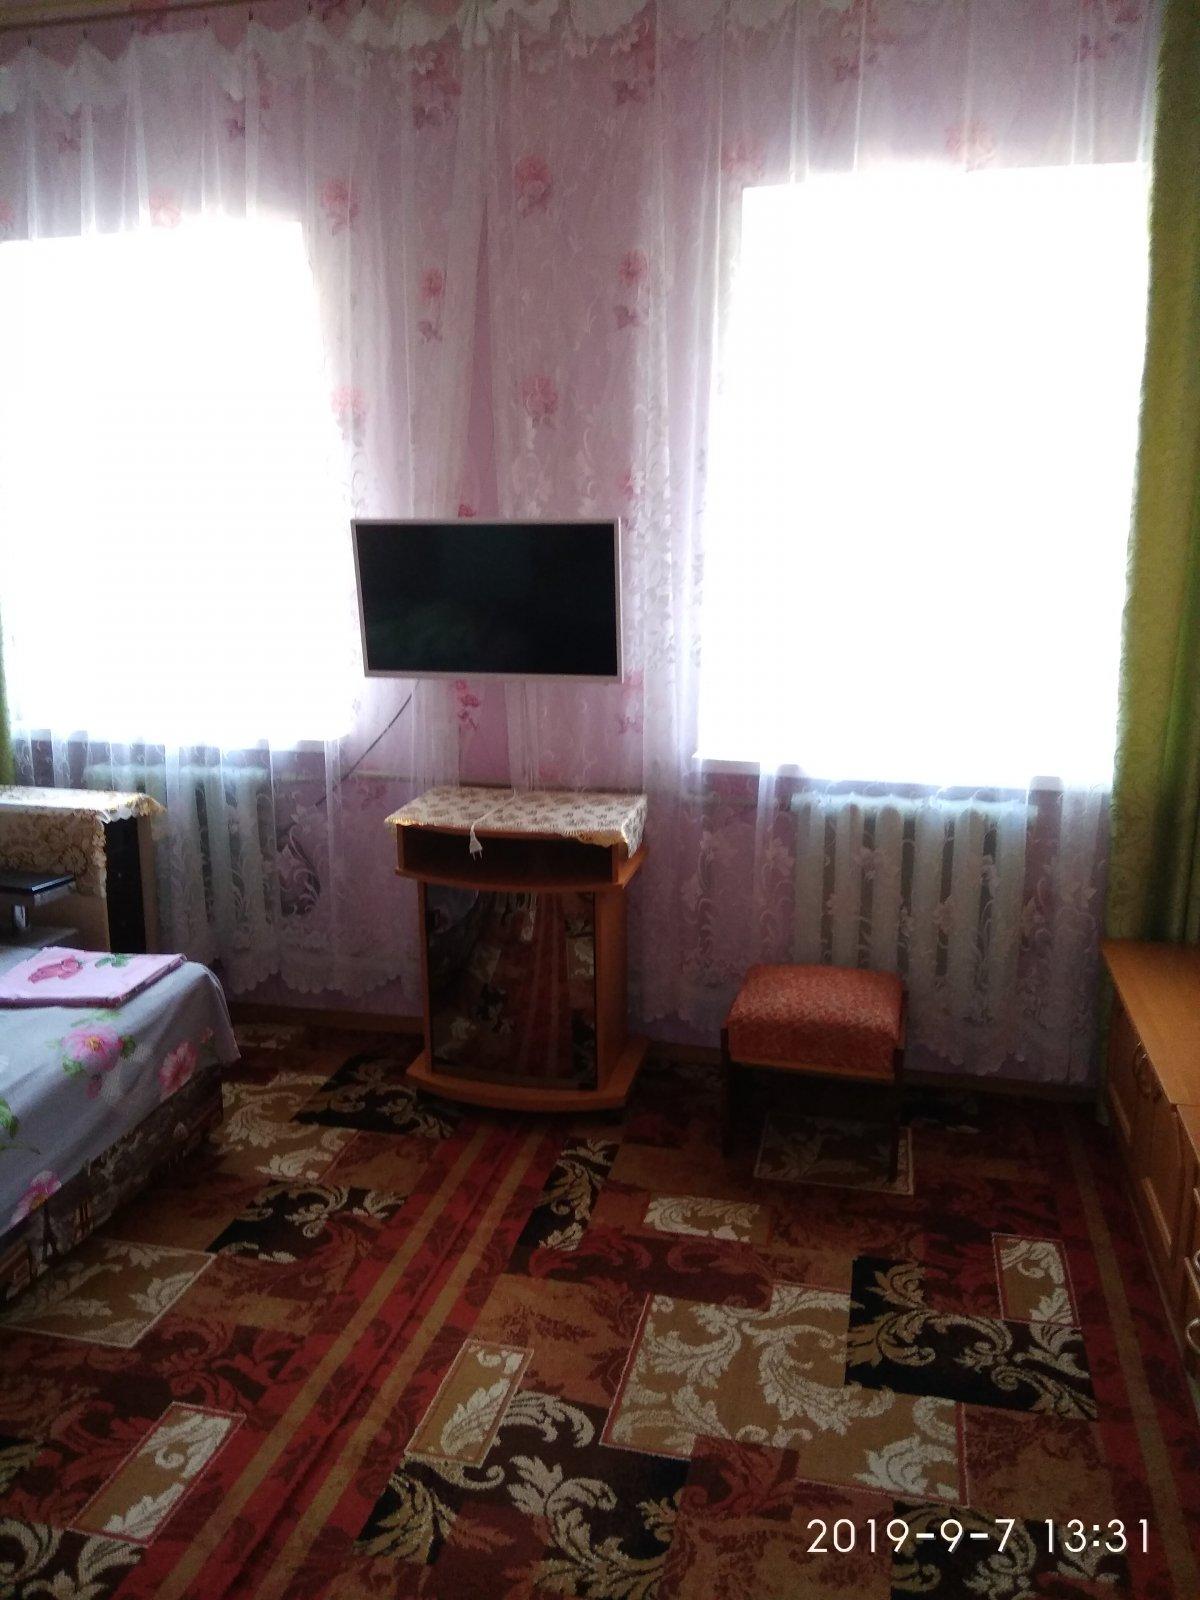 Продается 2 комнатная квартира на земле в курортной зоне Евпатории